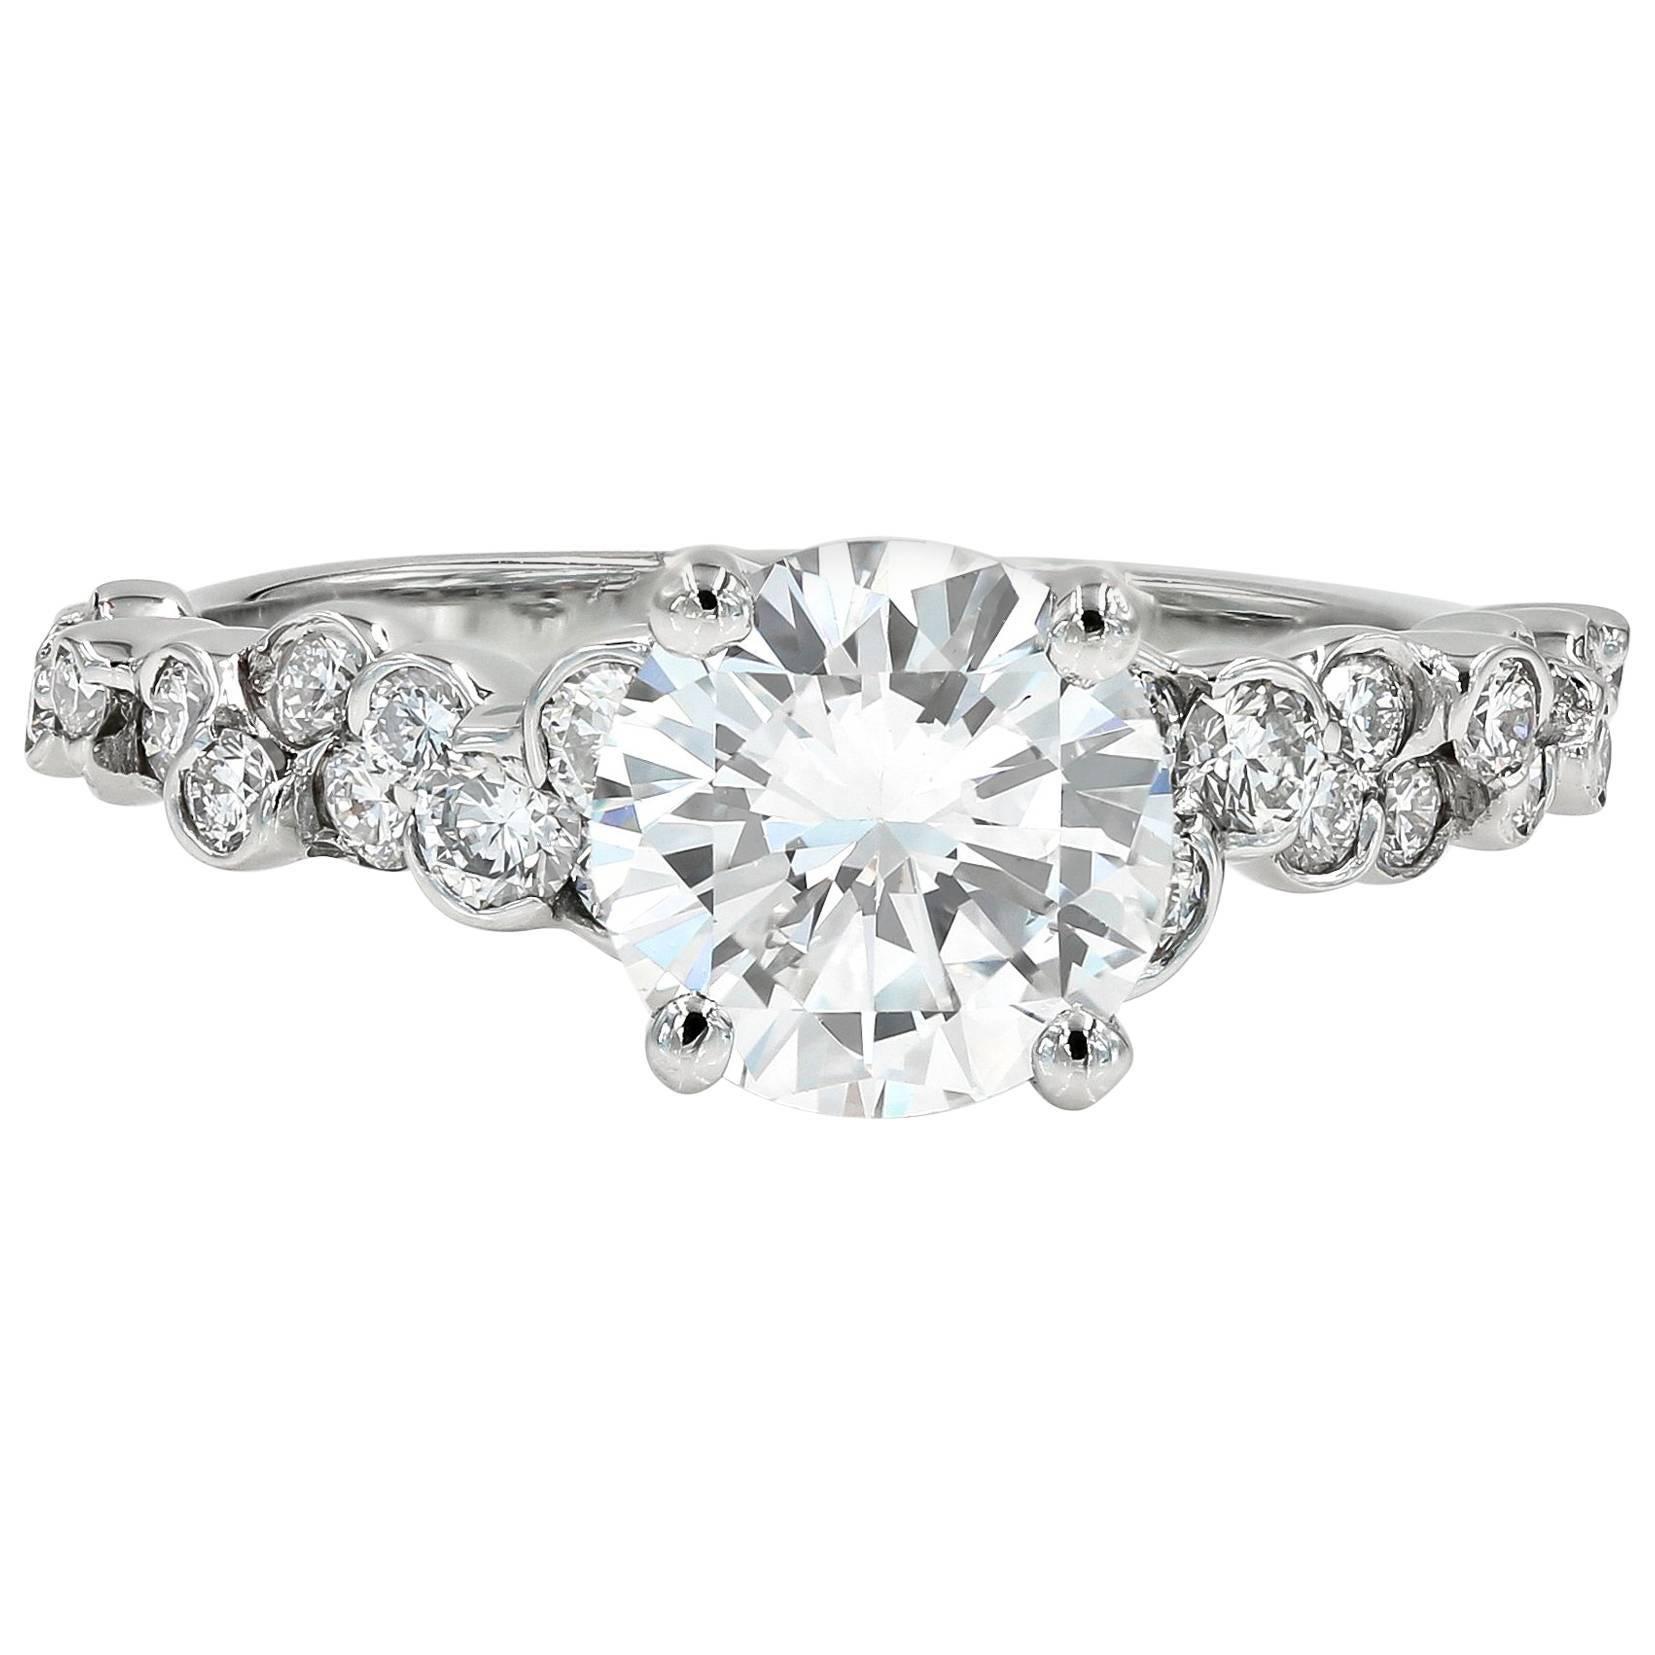 GIA Certified 1.50 Carat Round Diamond Cumullus Engagement Ring